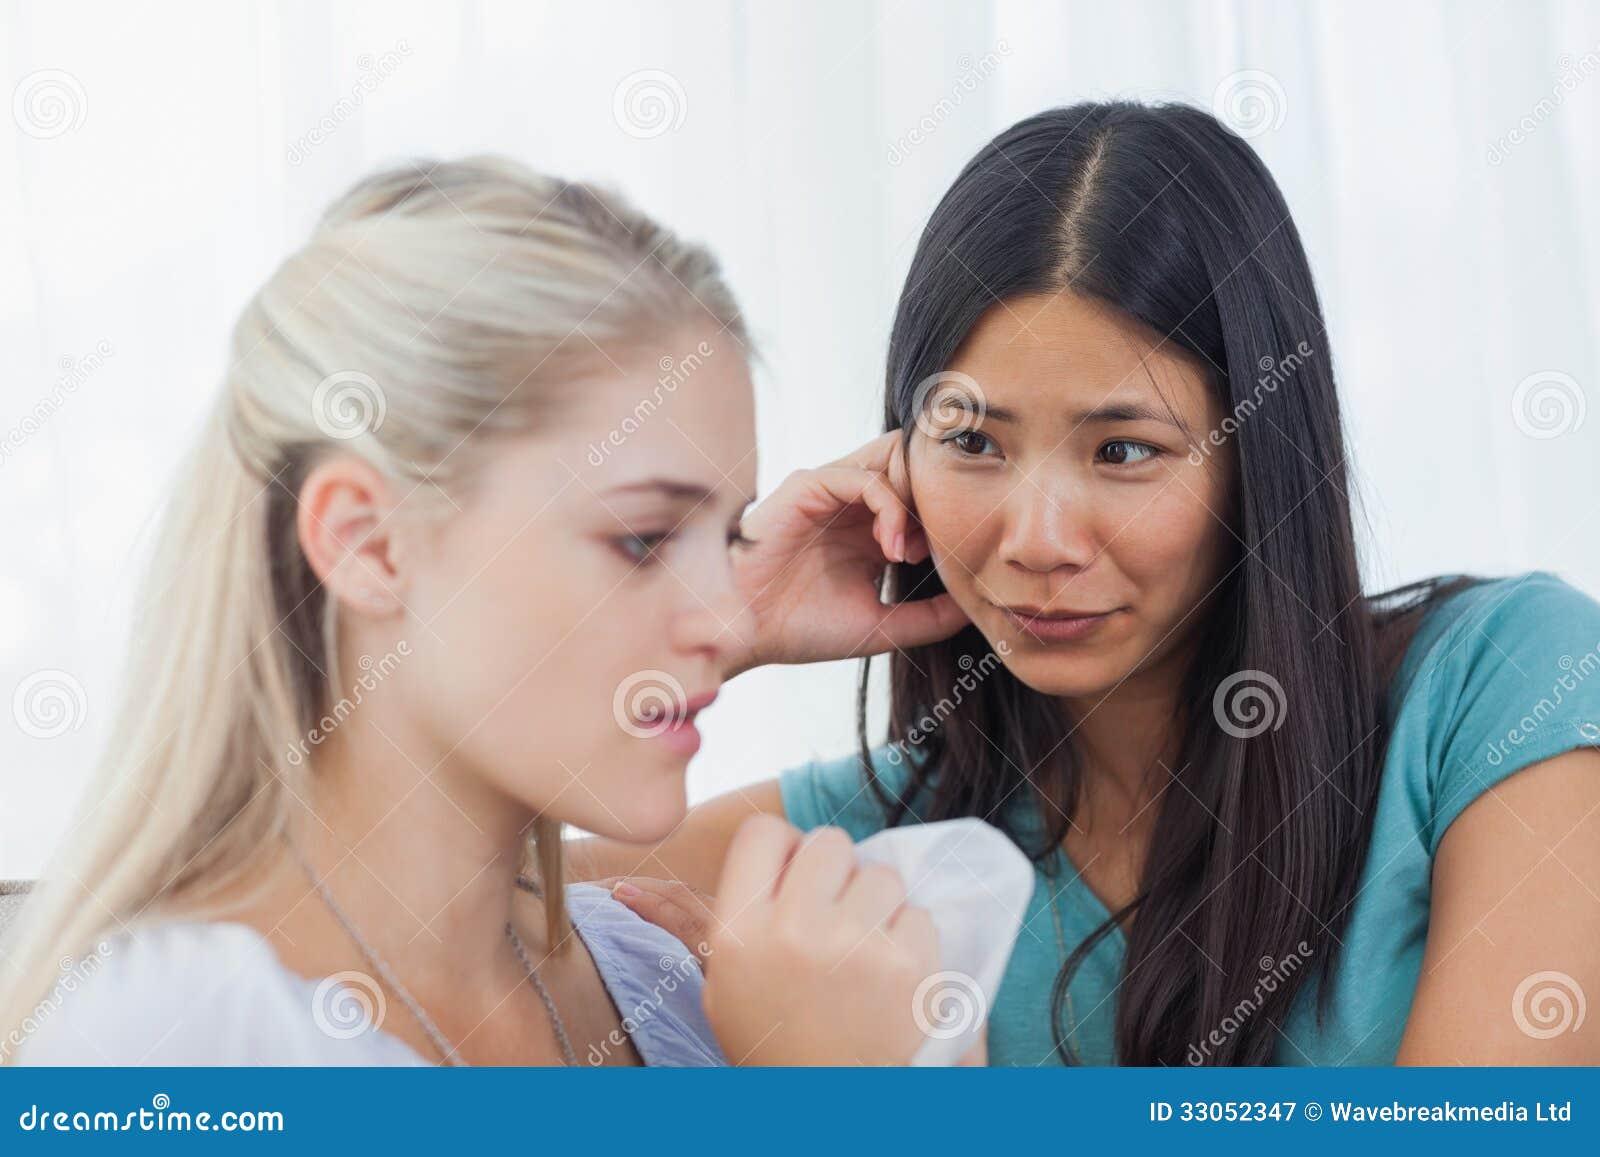 金发碧眼的女人哭泣和谈话作为她的朋友听着